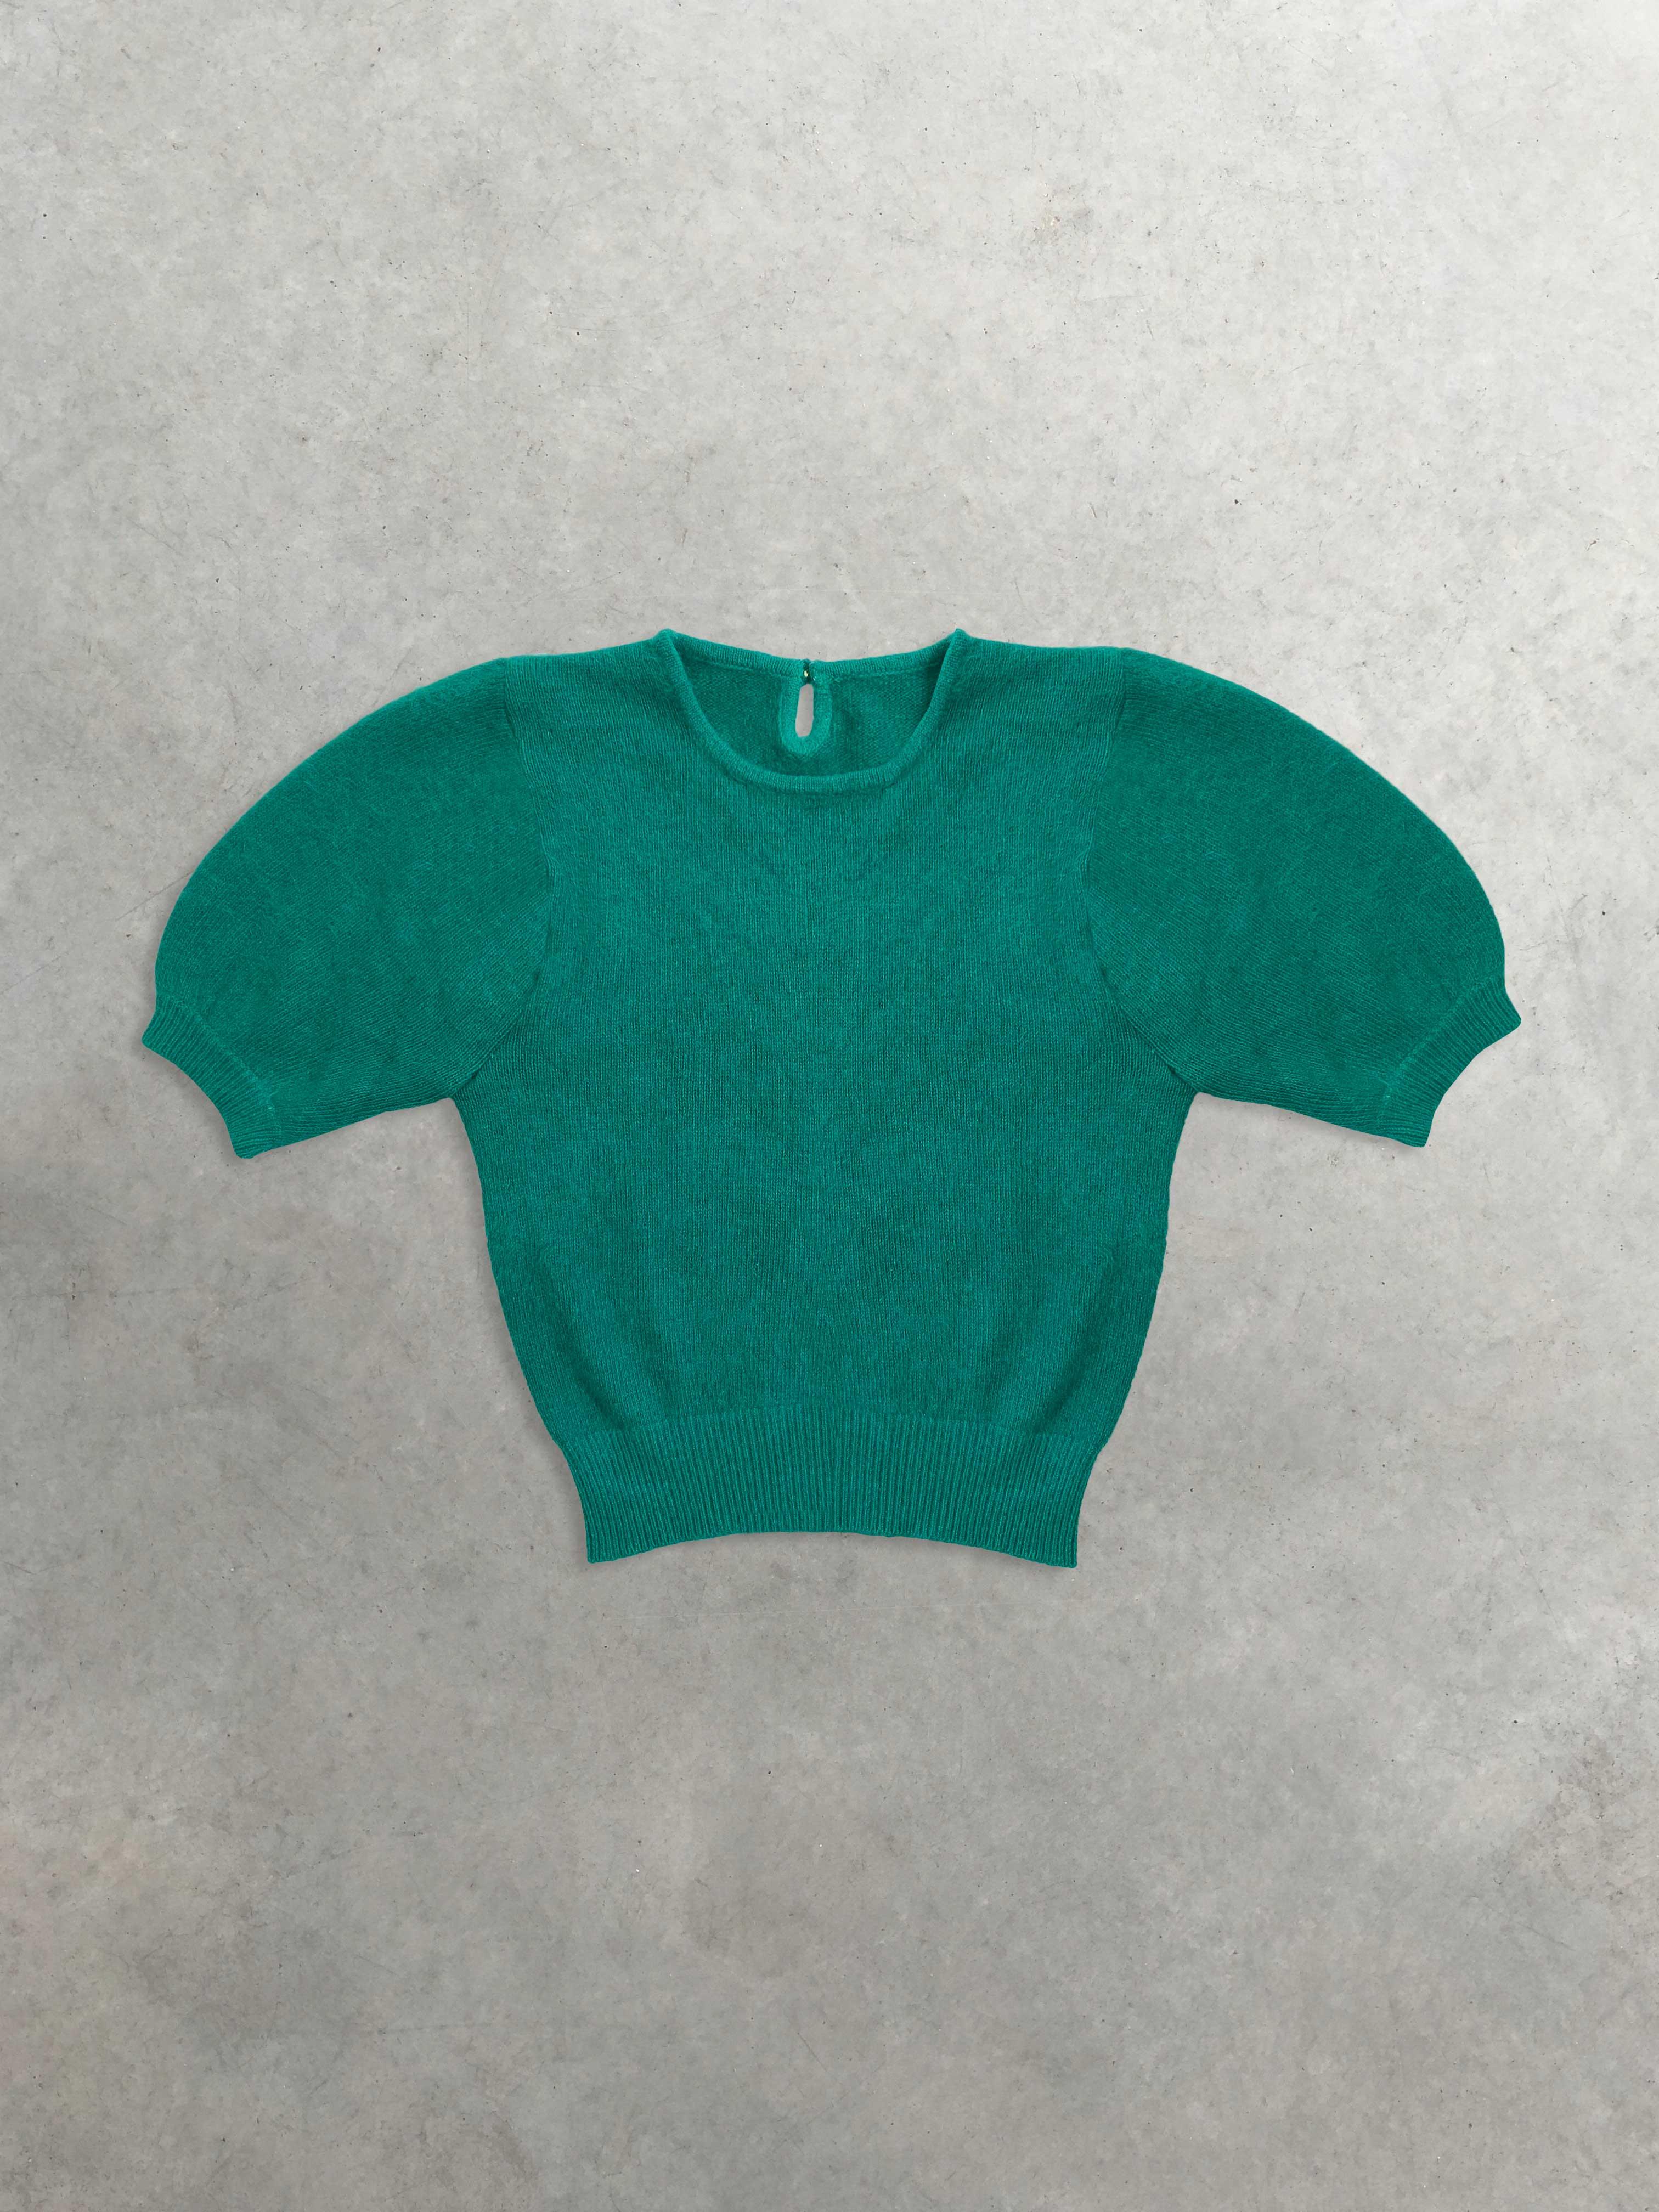 Packshot de Pull Col Rond Turquoise  par la marque Vintage